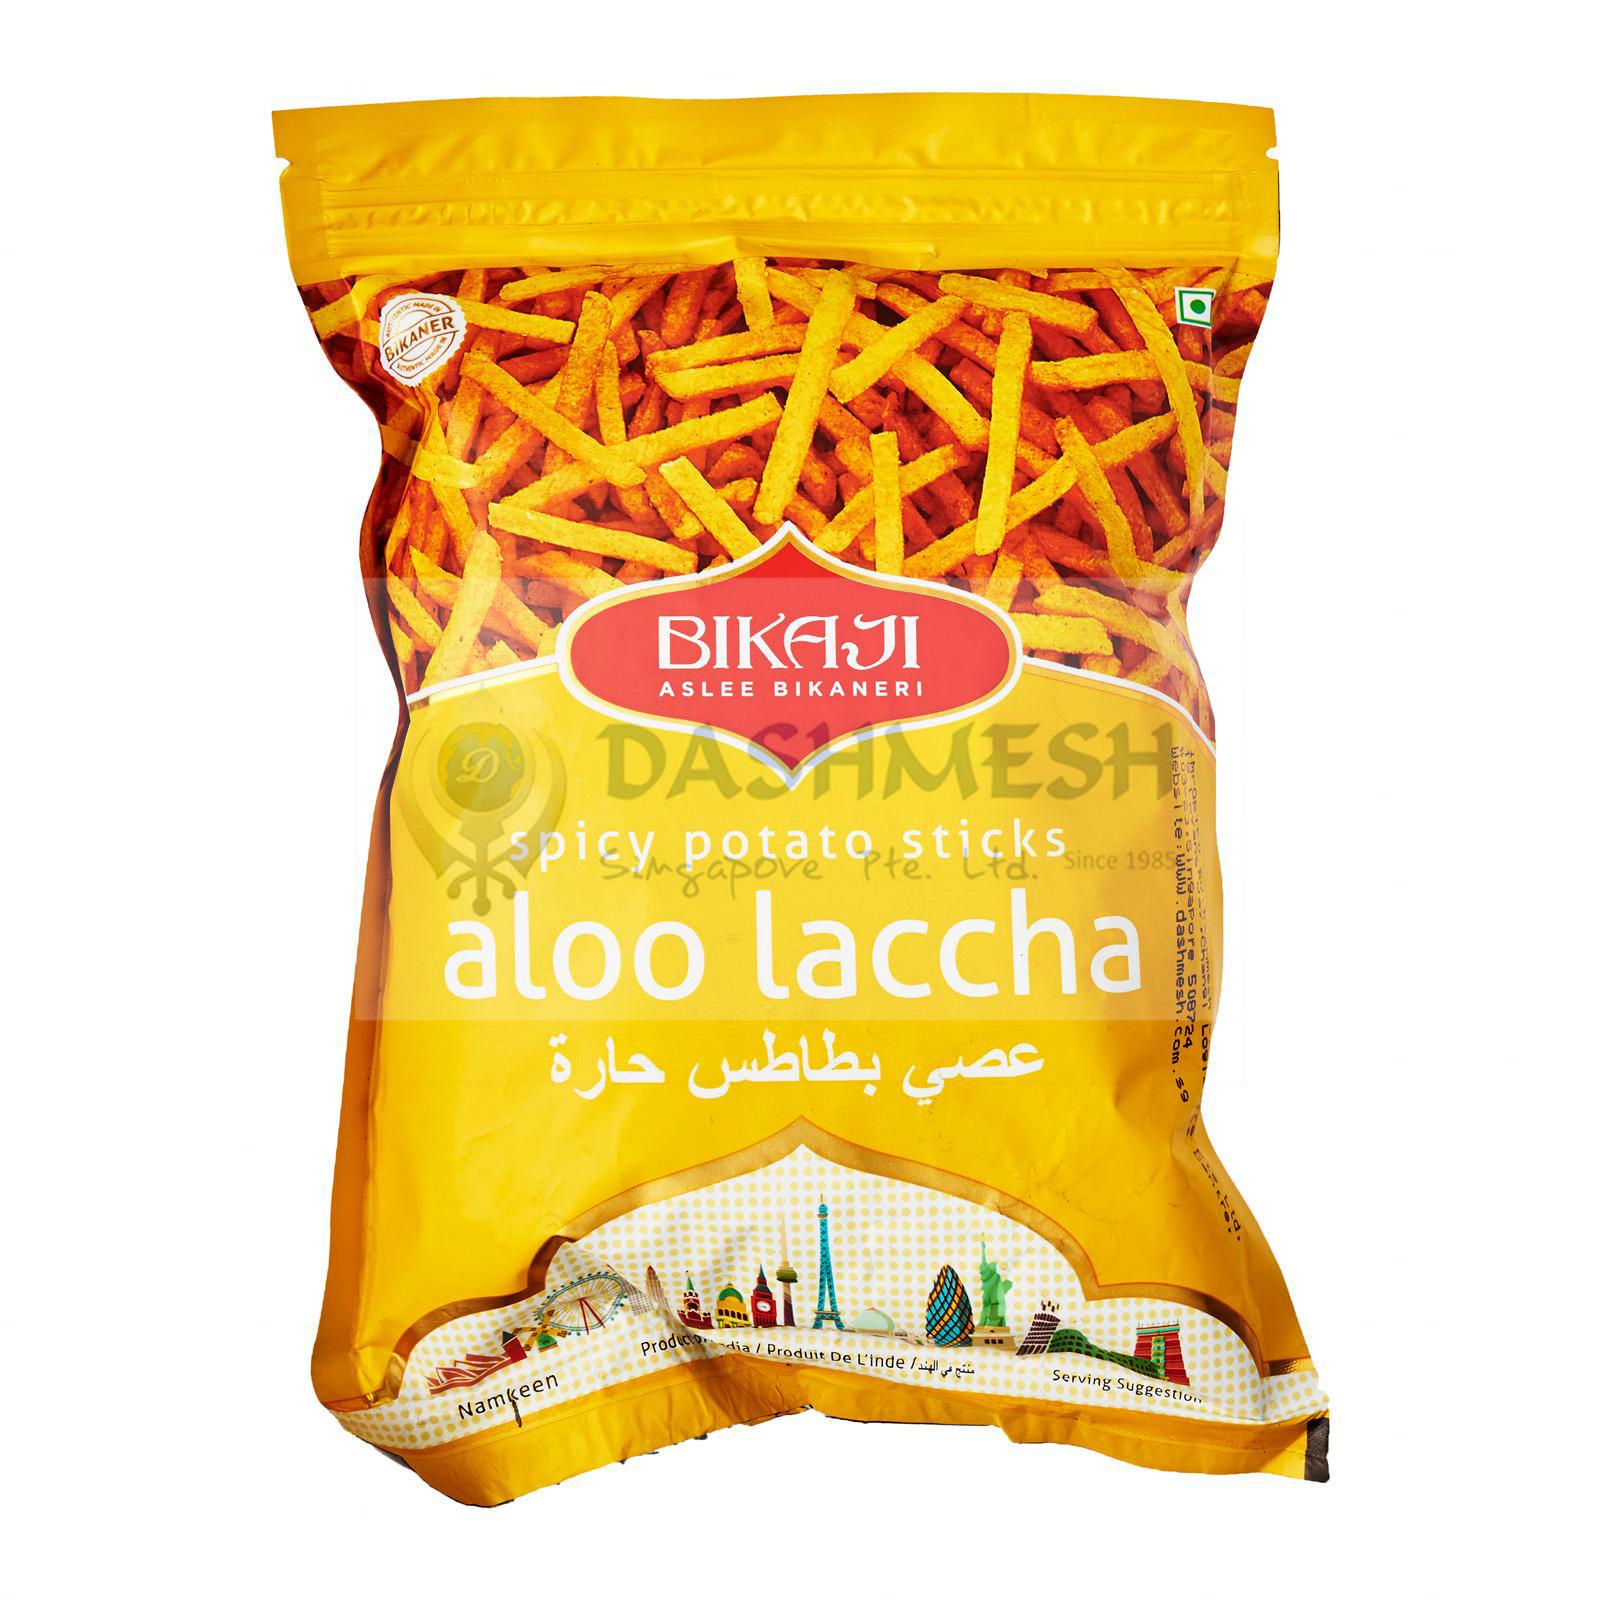 Bikaji Aloo Laccha 200g